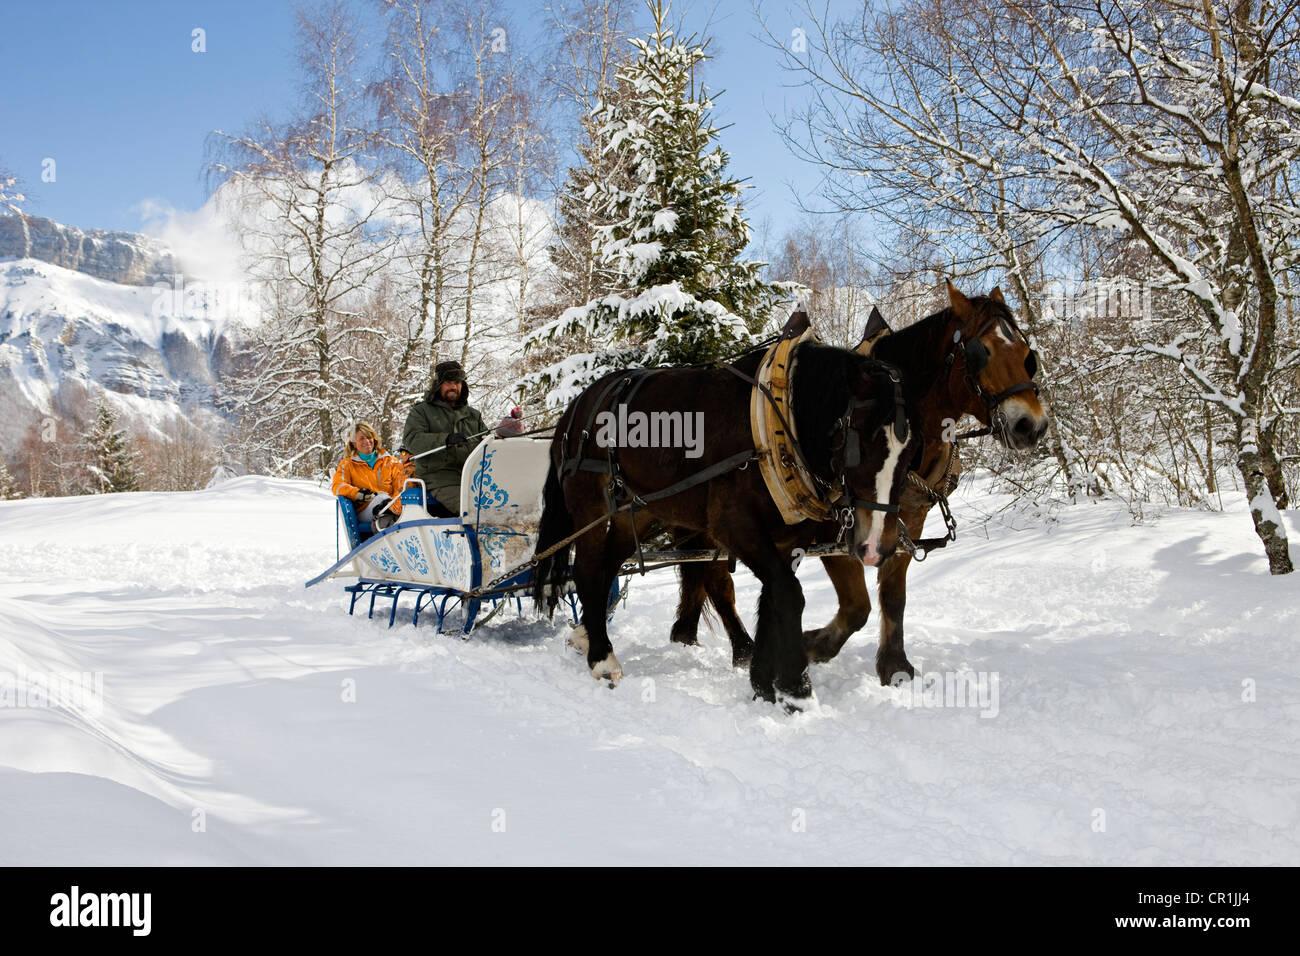 France, Savoie, la Feclaz, massif des Bauges, sleigh trip - Stock Image